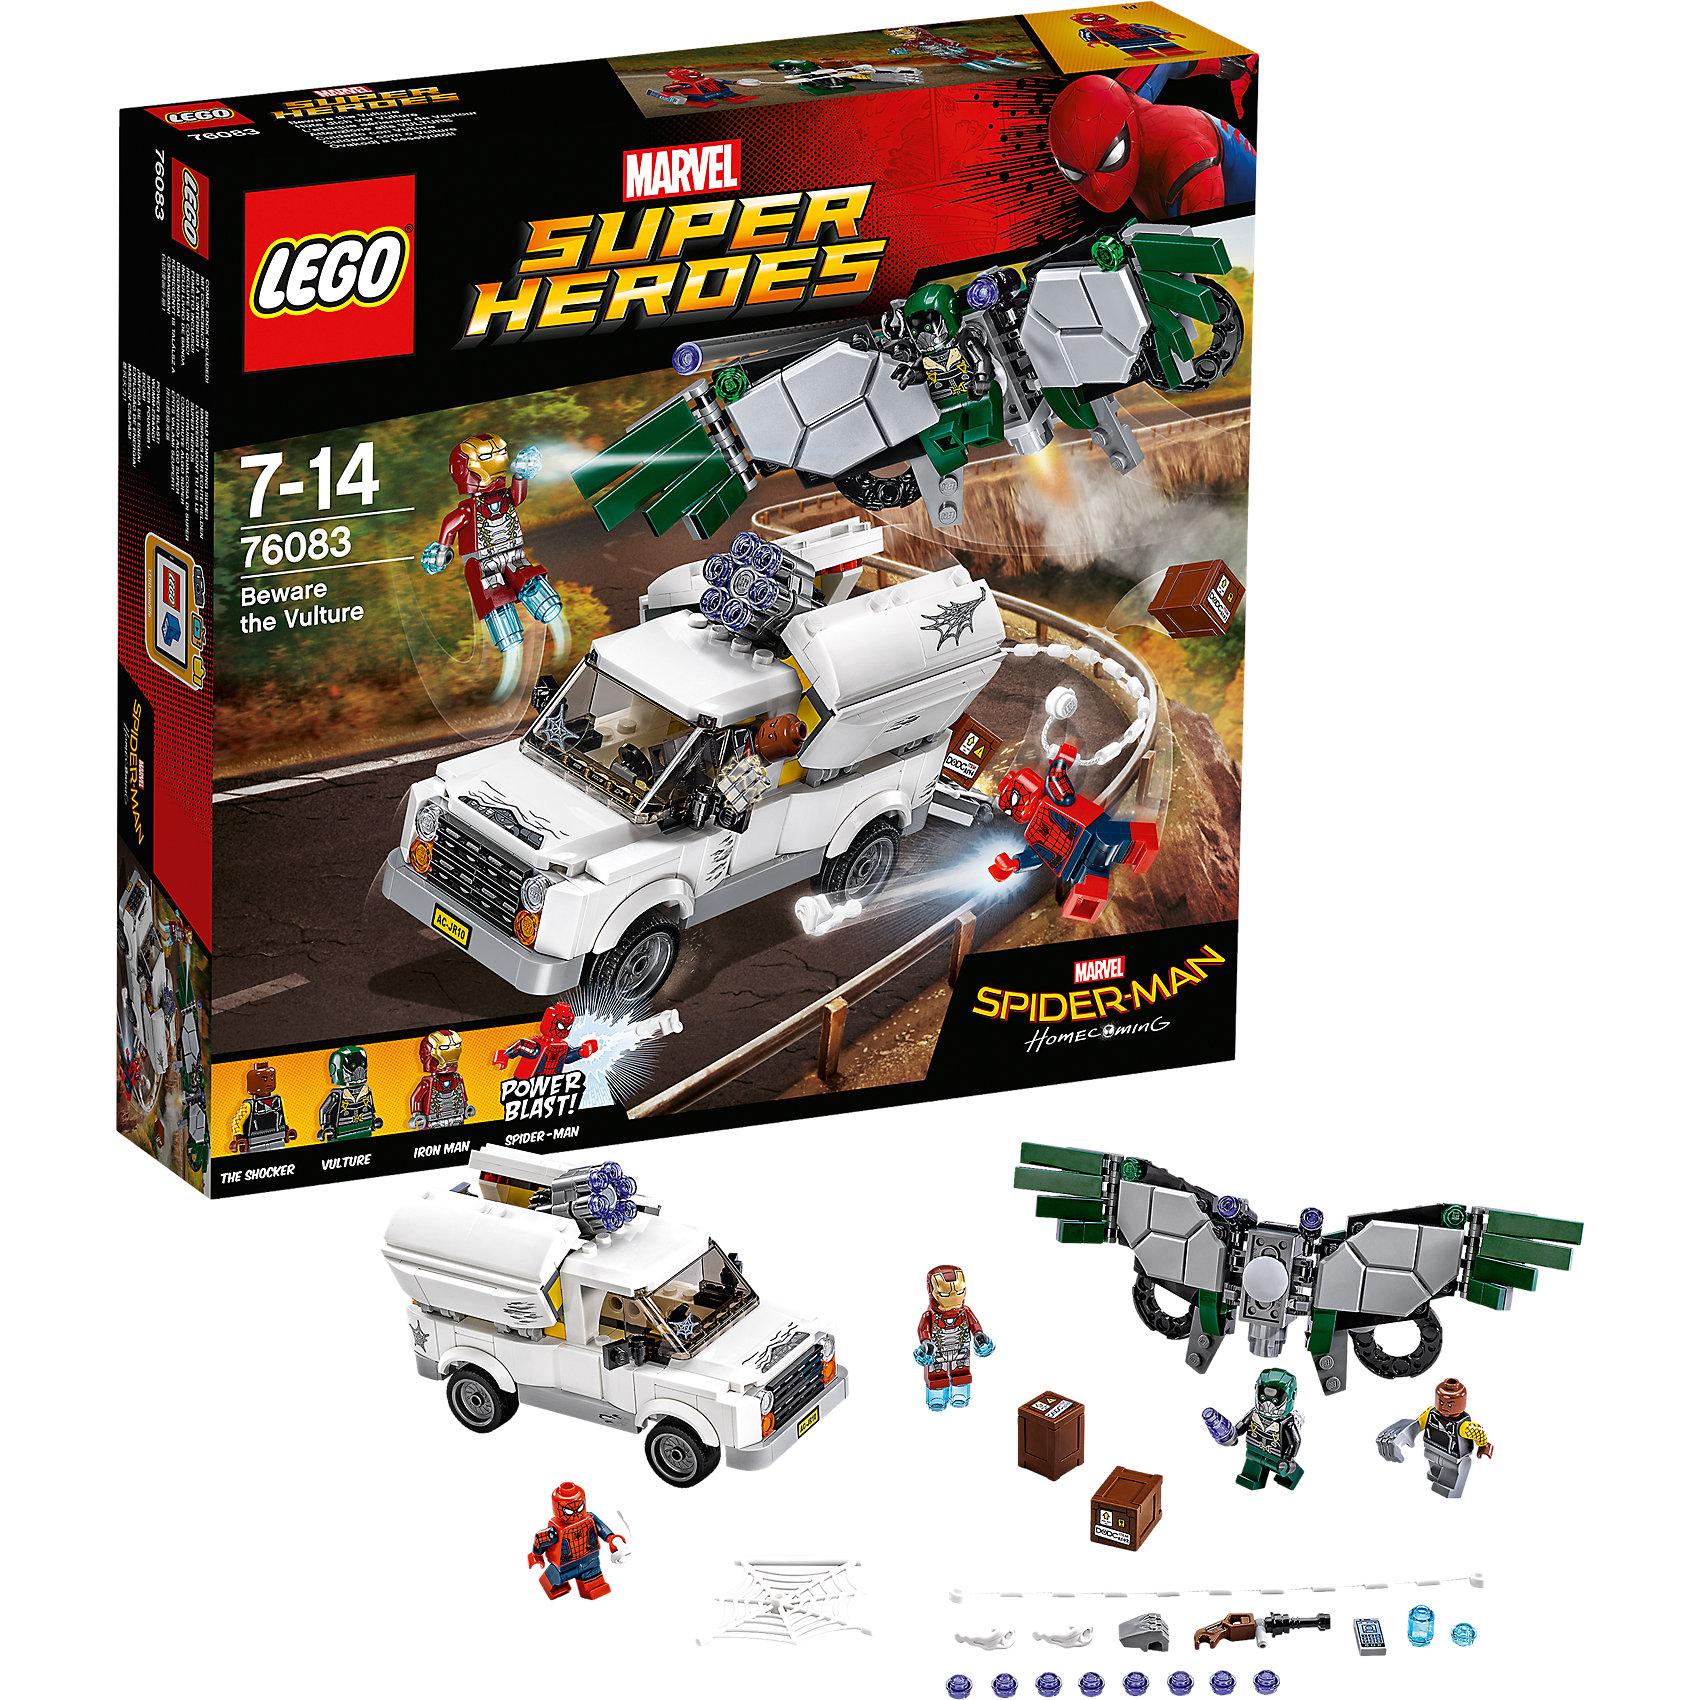 Конструктор Lego Super Heroes 76083: Берегись СтервятникаПластмассовые конструкторы<br>Характеристики товара:<br><br>• возраст: от 7 лет;<br>• материал: пластик;<br>• в комплекте: 375 деталей;<br>• количество минифигурок: 4;<br>• размер упаковки: 26,2х28,2х5,9 см;<br>• вес упаковки: 285 гр.;<br>• страна производитель: Китай.<br><br>Конструктор Lego Super Heroes «Берегись Стервятника» создан по мотивам фильма «Человек-Паук: Возвращение домой». В фильме герою Человека Паука противостоит могущественный Стервятник. Вместе с Железным человеком они вступают в бой против противника. Сообщник Стервятника Шокер сражается на фургоне с пушкой. У самого Стервятника крылья, стреляющие шипами.<br><br>Из элементов конструктора предстоит собрать 4 фигурки персонажей, фургон и костюм Стервятника. Все детали выполнены из качественных безопасных материалов. В процессе сборки конструктора у детей развиваются мелкая моторика рук, усидчивость, логическое мышление.<br><br>Конструктор Lego Super Heroes «Берегись Стервятника» можно приобрести в нашем интернет-магазине.<br><br>Ширина мм: 263<br>Глубина мм: 286<br>Высота мм: 63<br>Вес г: 538<br>Возраст от месяцев: 84<br>Возраст до месяцев: 2147483647<br>Пол: Мужской<br>Возраст: Детский<br>SKU: 5620012